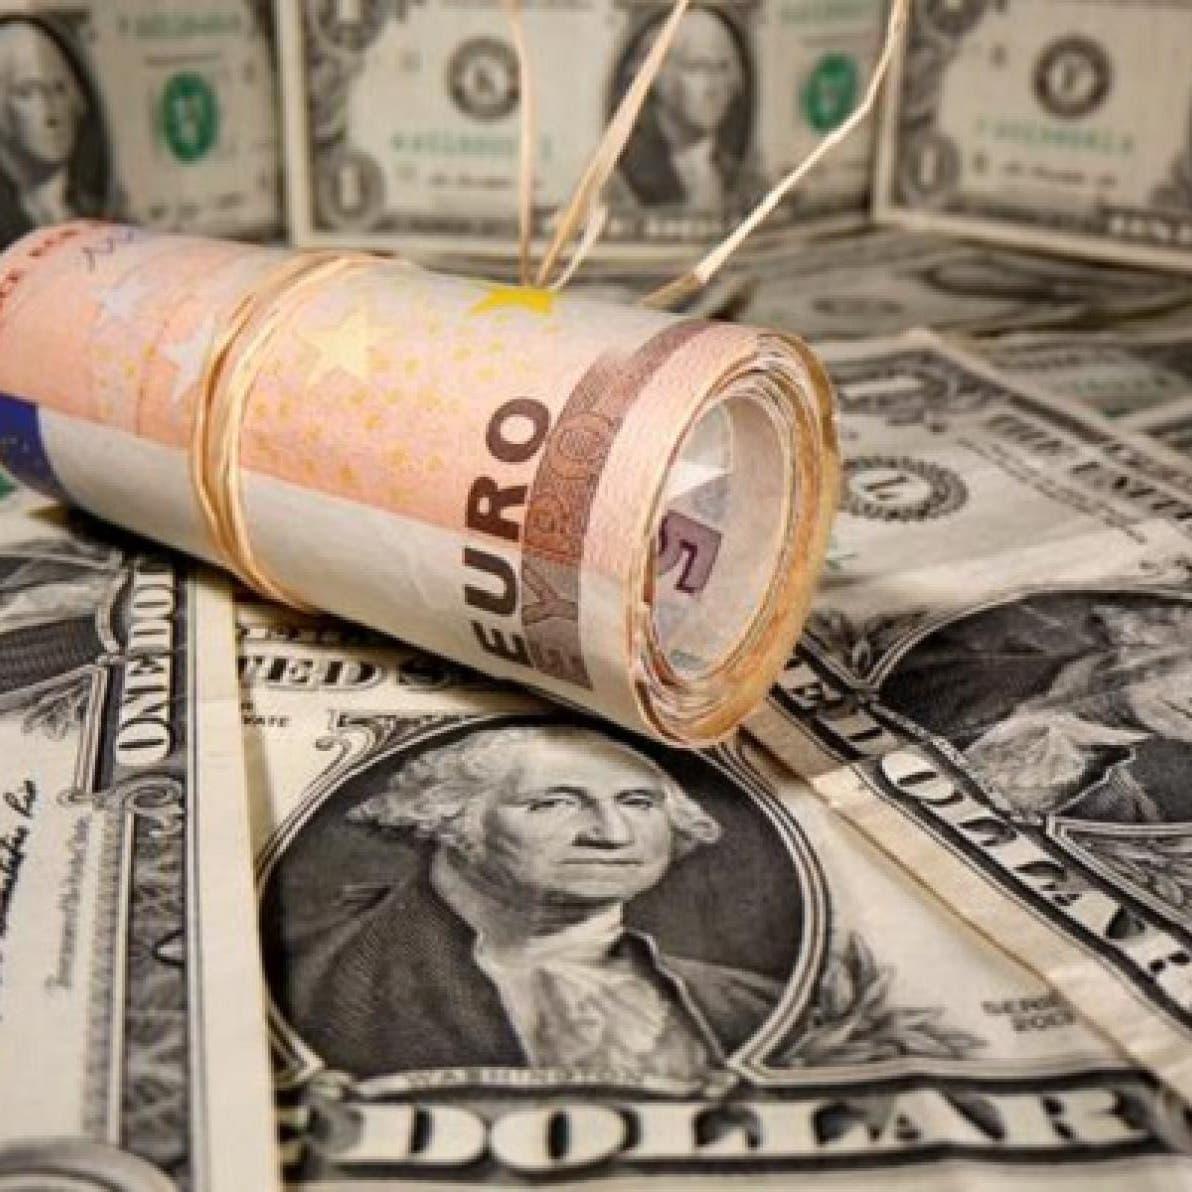 الدولار يهبط لأقل مستوى في أكثر من 7 أسابيع